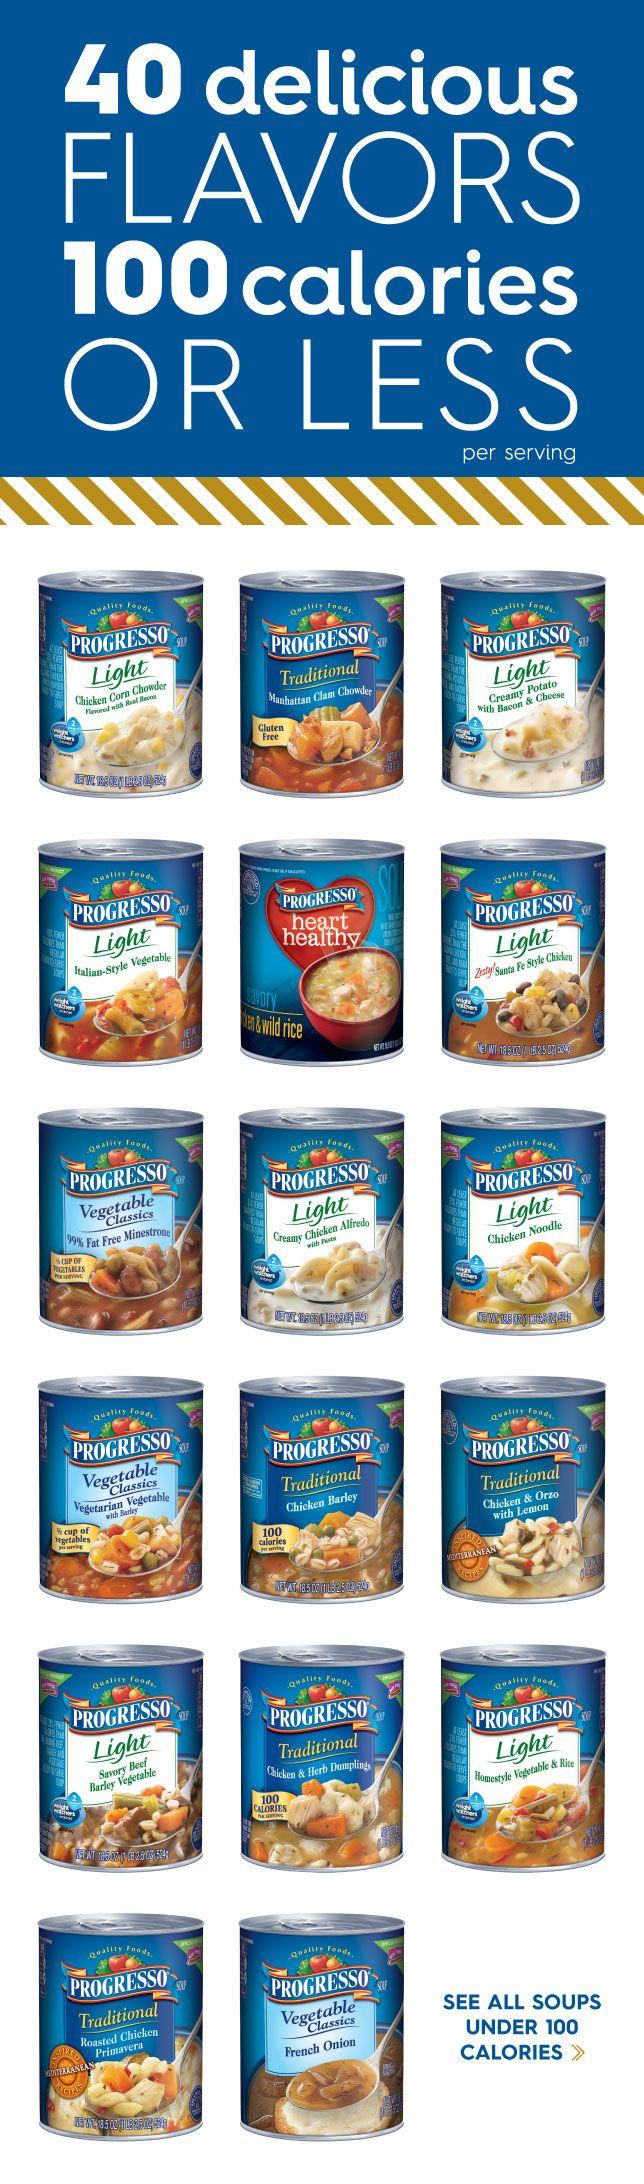 Progresso Light Soups - 40 delicious flavors, 100 calories or less!